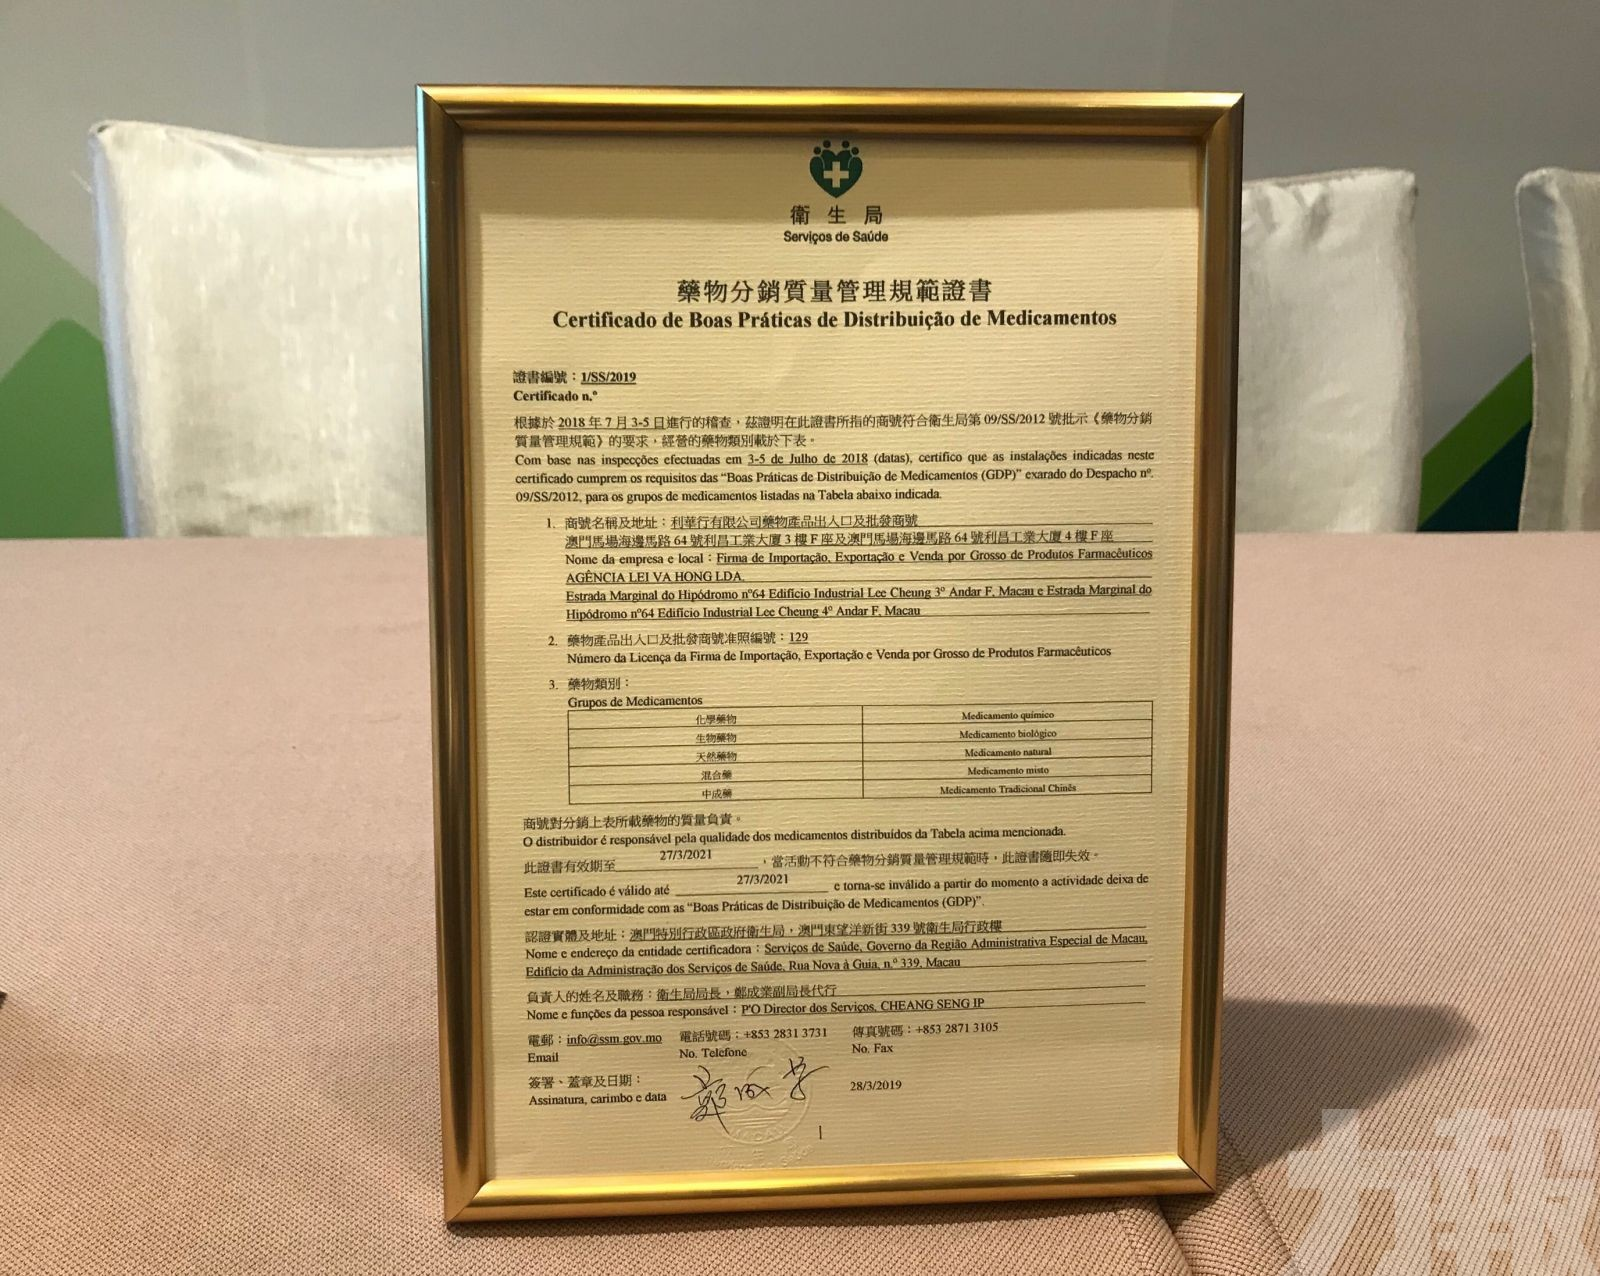 利華行獲頒首張GDP藥品質量證書